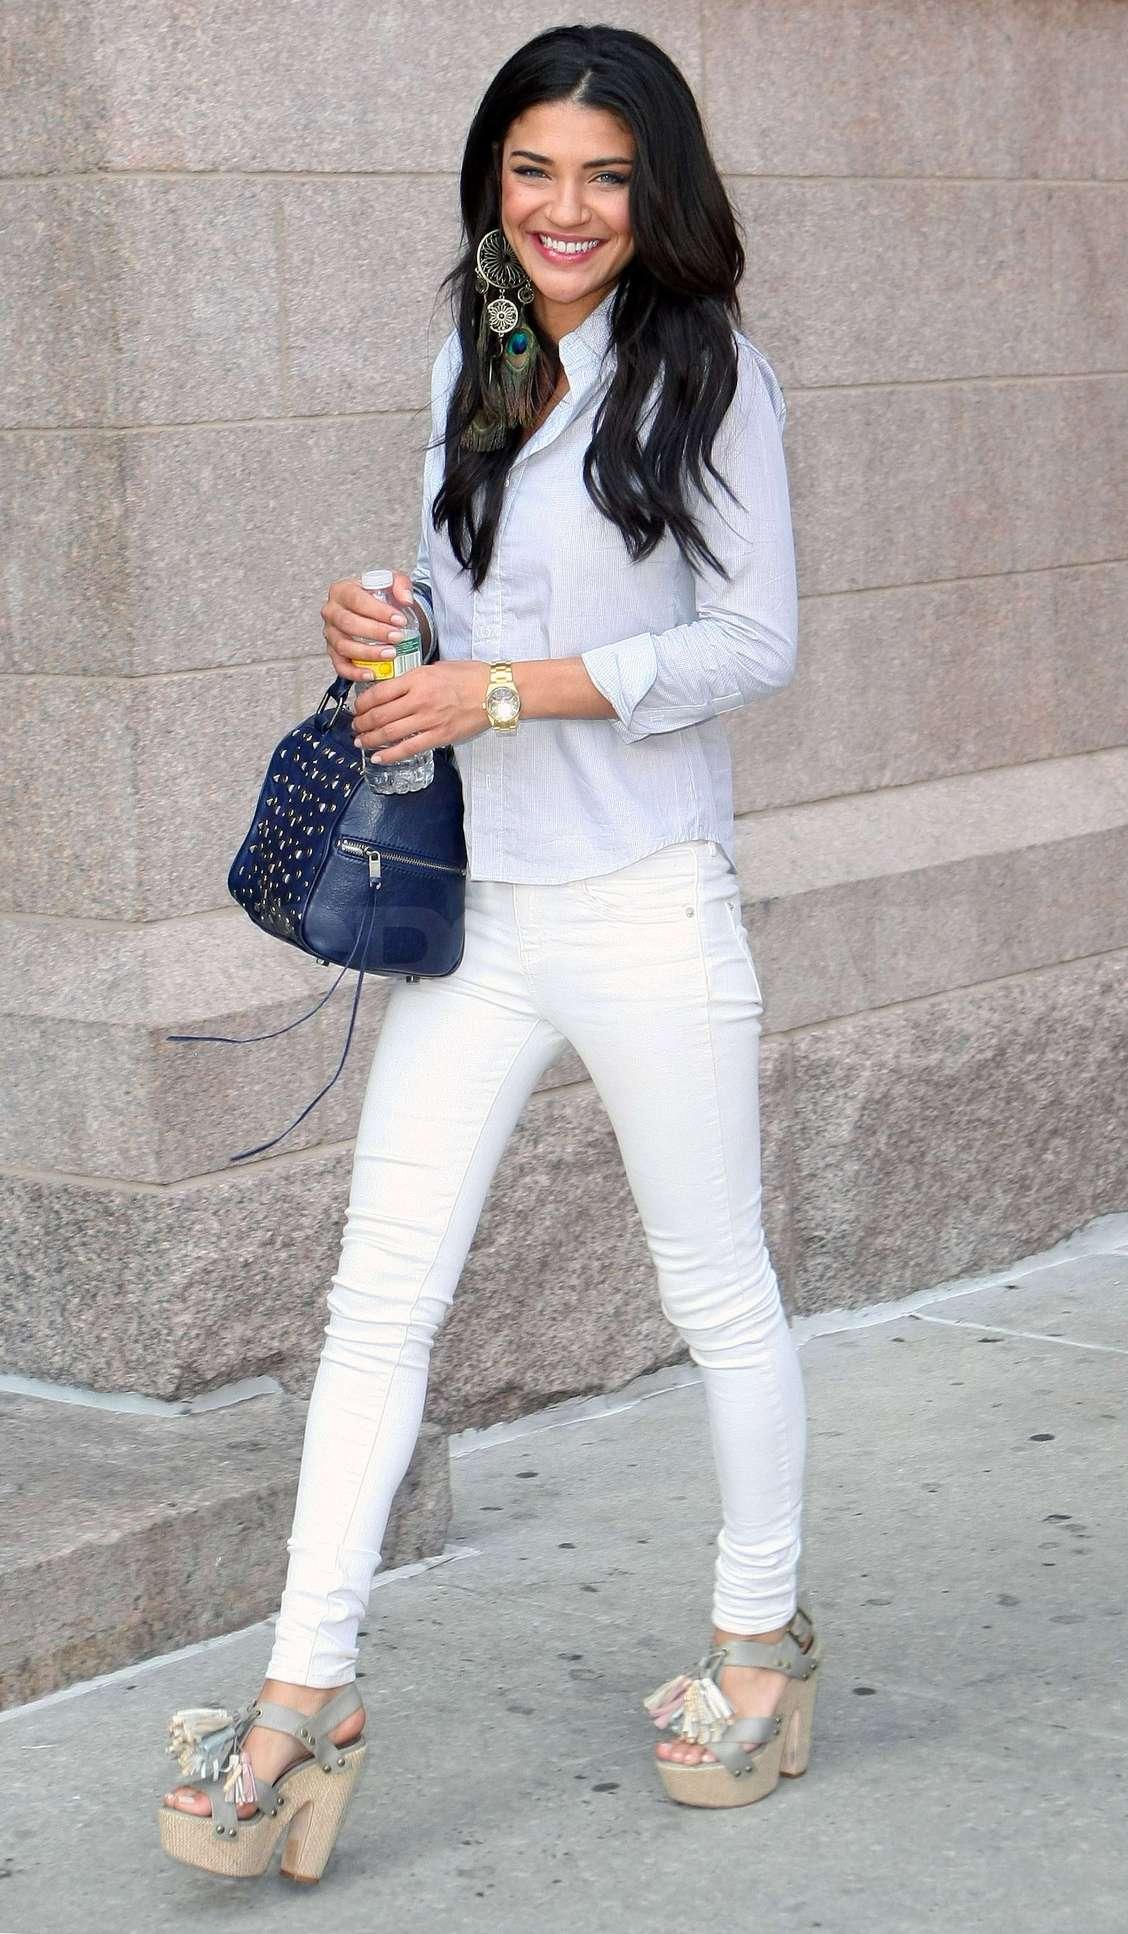 В обтягивающих девушки джинсах белых